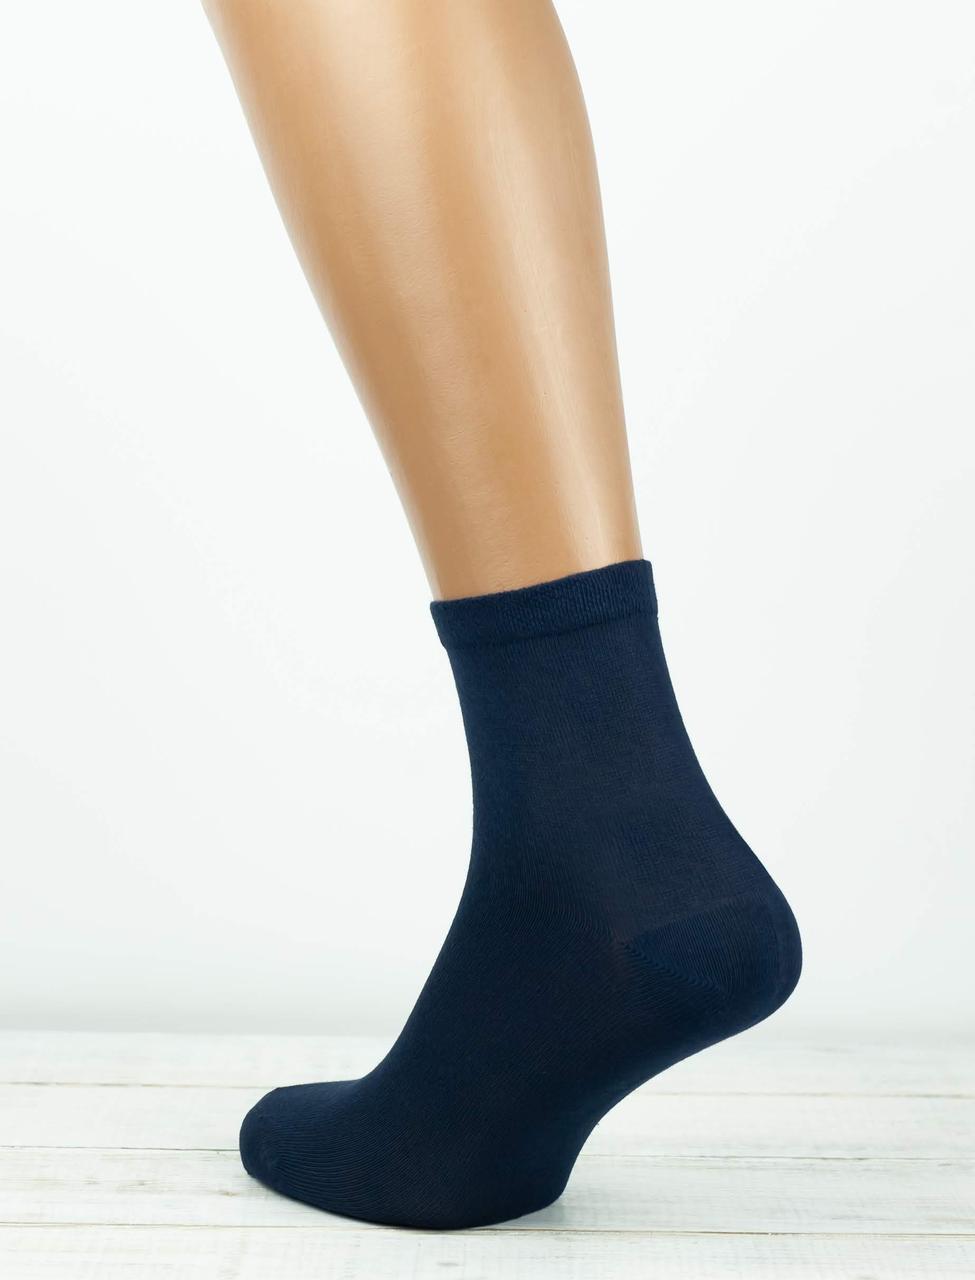 Чоловічі носки шкарпетки стрейчеві Z&N бамбук середні антибактеріальний продукт оптом 12 шт в уп мікс кольорів